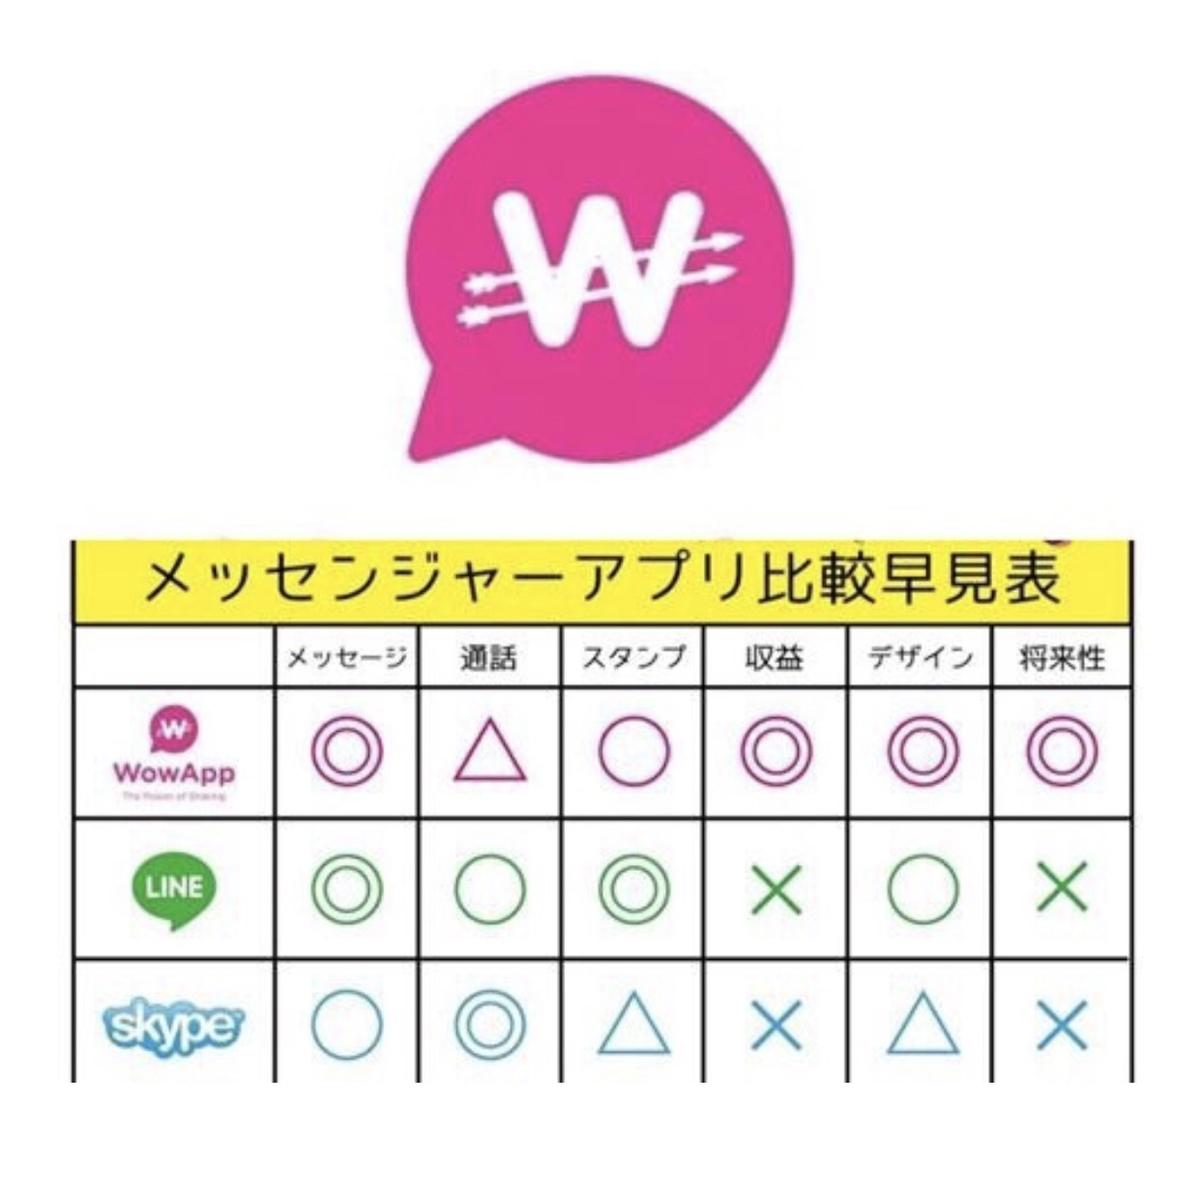 f:id:kaoruikeda:20210428191340j:plain